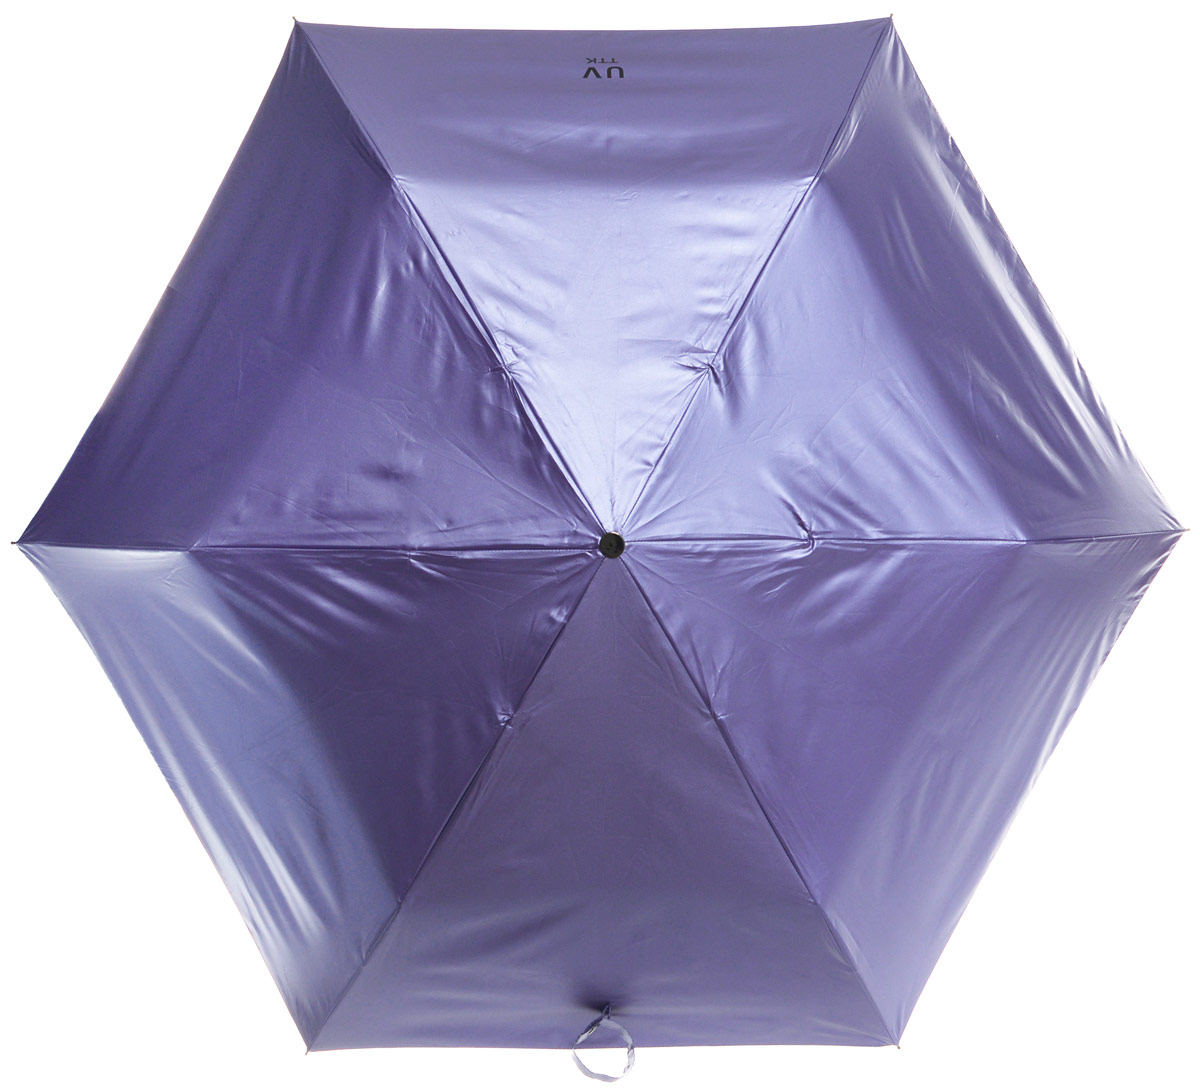 Зонт женский Эврика Звездное небо, механика, 3 сложения, цвет: лавандовый. 96796K60K603557_0130Оригинальный зонт Эврика не оставит вас незамеченной. С внешней стороны купол оформлен с металлическим оттенком, а с внутренней - в виде черного неба с созвездиями.Стержень изделия изготовлен из металла. Купол выполнен из качественного нейлона, который не пропускает воду. Зонт состоит из шести спиц, изготовленных из металла с элементами из пластика и пластиковой ручки. Зонт имеет механический способ сложения: и купол, и стержень открываются вручную до характерного щелчка. Ручка дополнена петлей, благодаря которой зонт можно носить на запястье. К зонту прилагается чехол. Благодаря своему небольшому размеру, зонт легко пометится в сумку. Раскрыв зонт можно увидеть внутри ночное небо с созвездиями. Зонт-планетарий станет отличным подарком и надежной защитой от непогоды.